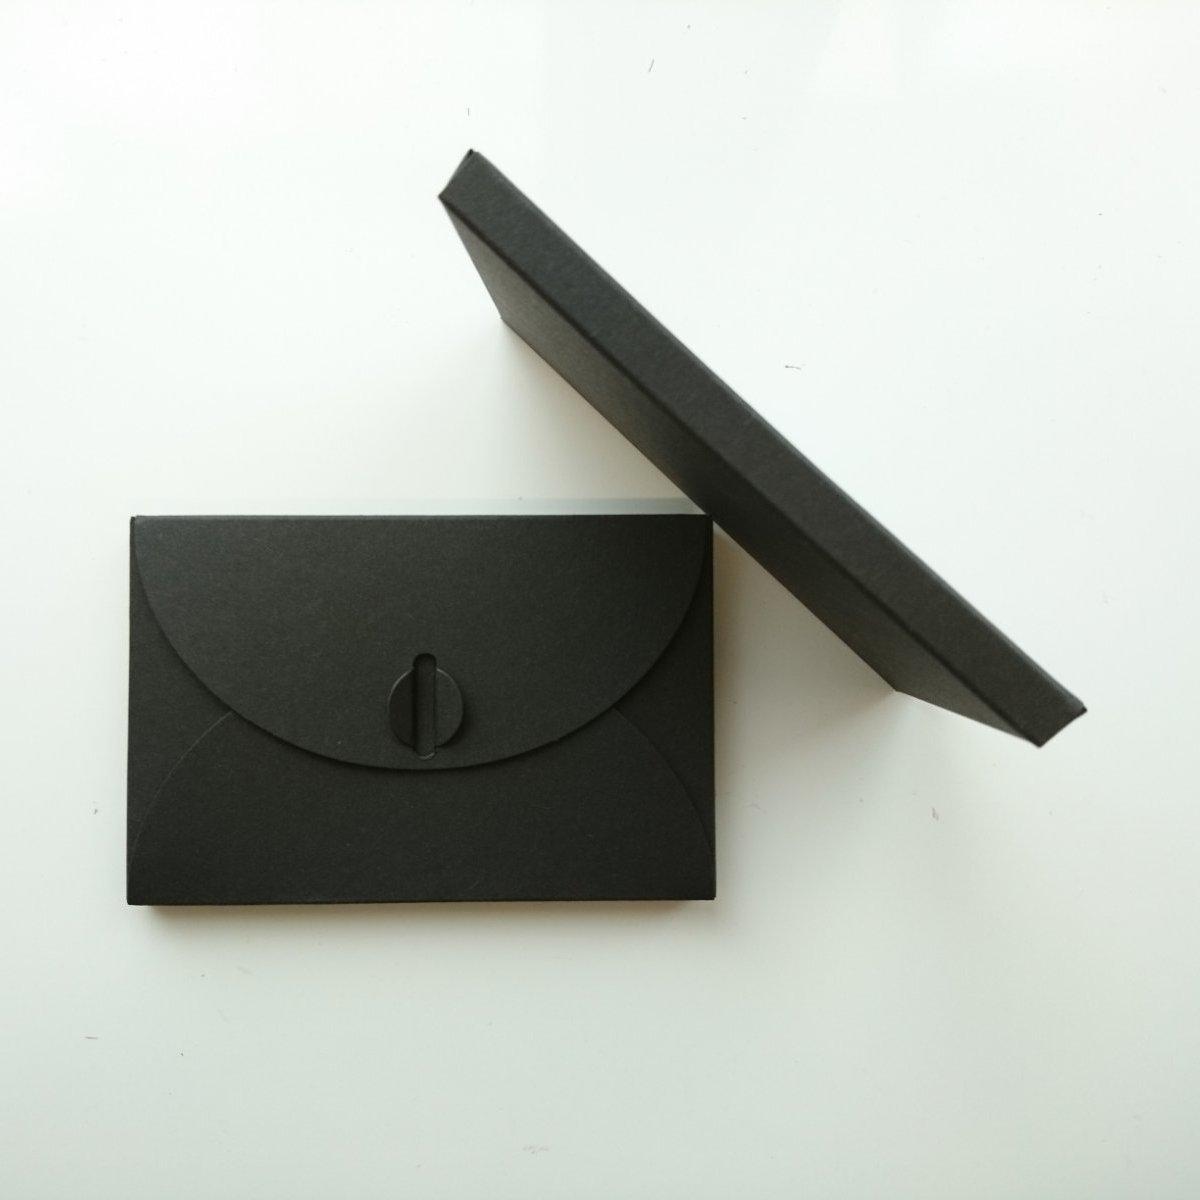 Подарочный конверт из эко крафт-картона 80х120х8 мм + ПОДАРОК (на 200 шт конвертов) Черный